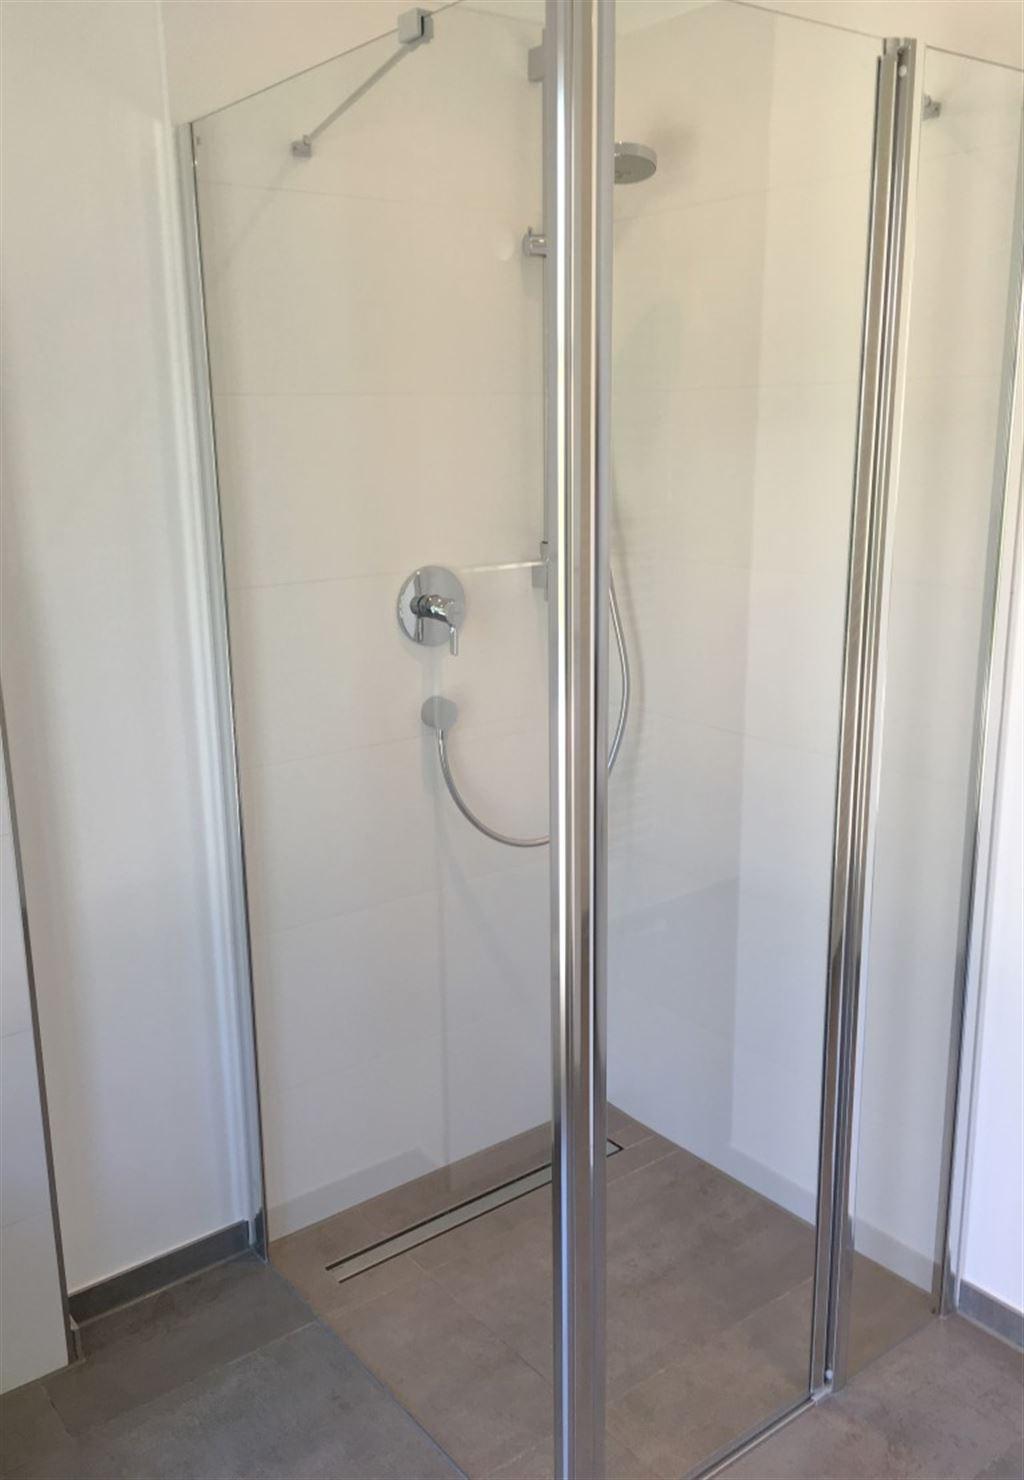 bodengleiche Dusche (Beispiel)